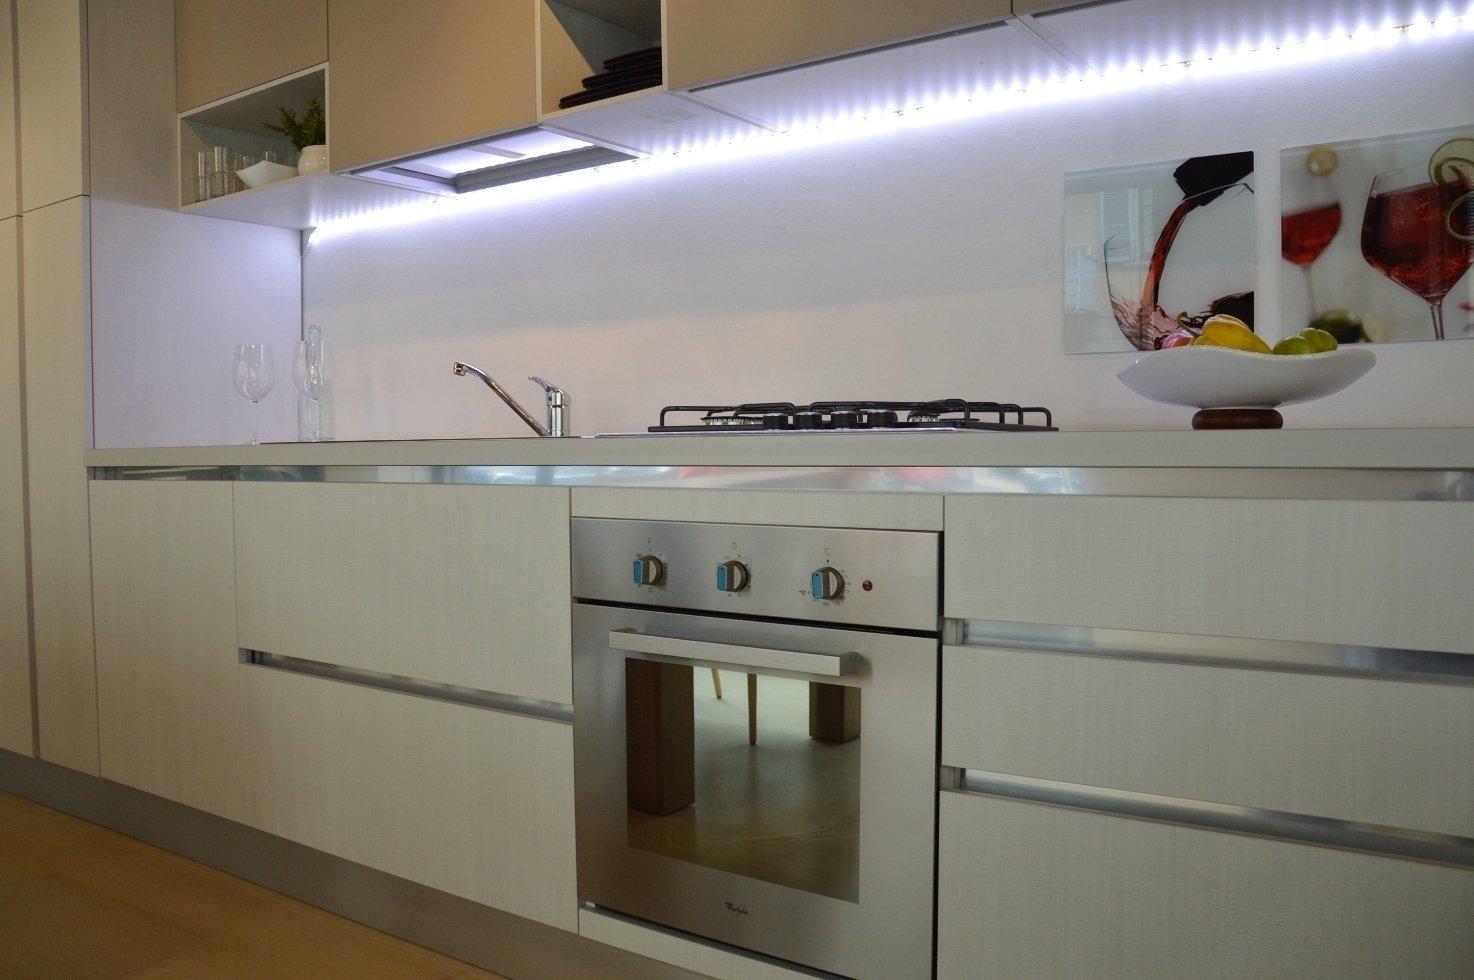 Cucine Piano Cottura E Forno : Cucina Mod. Artika Vista Del Forno E  #5D482A 1474 980 Cucine Classiche Con Piano Cottura Angolare